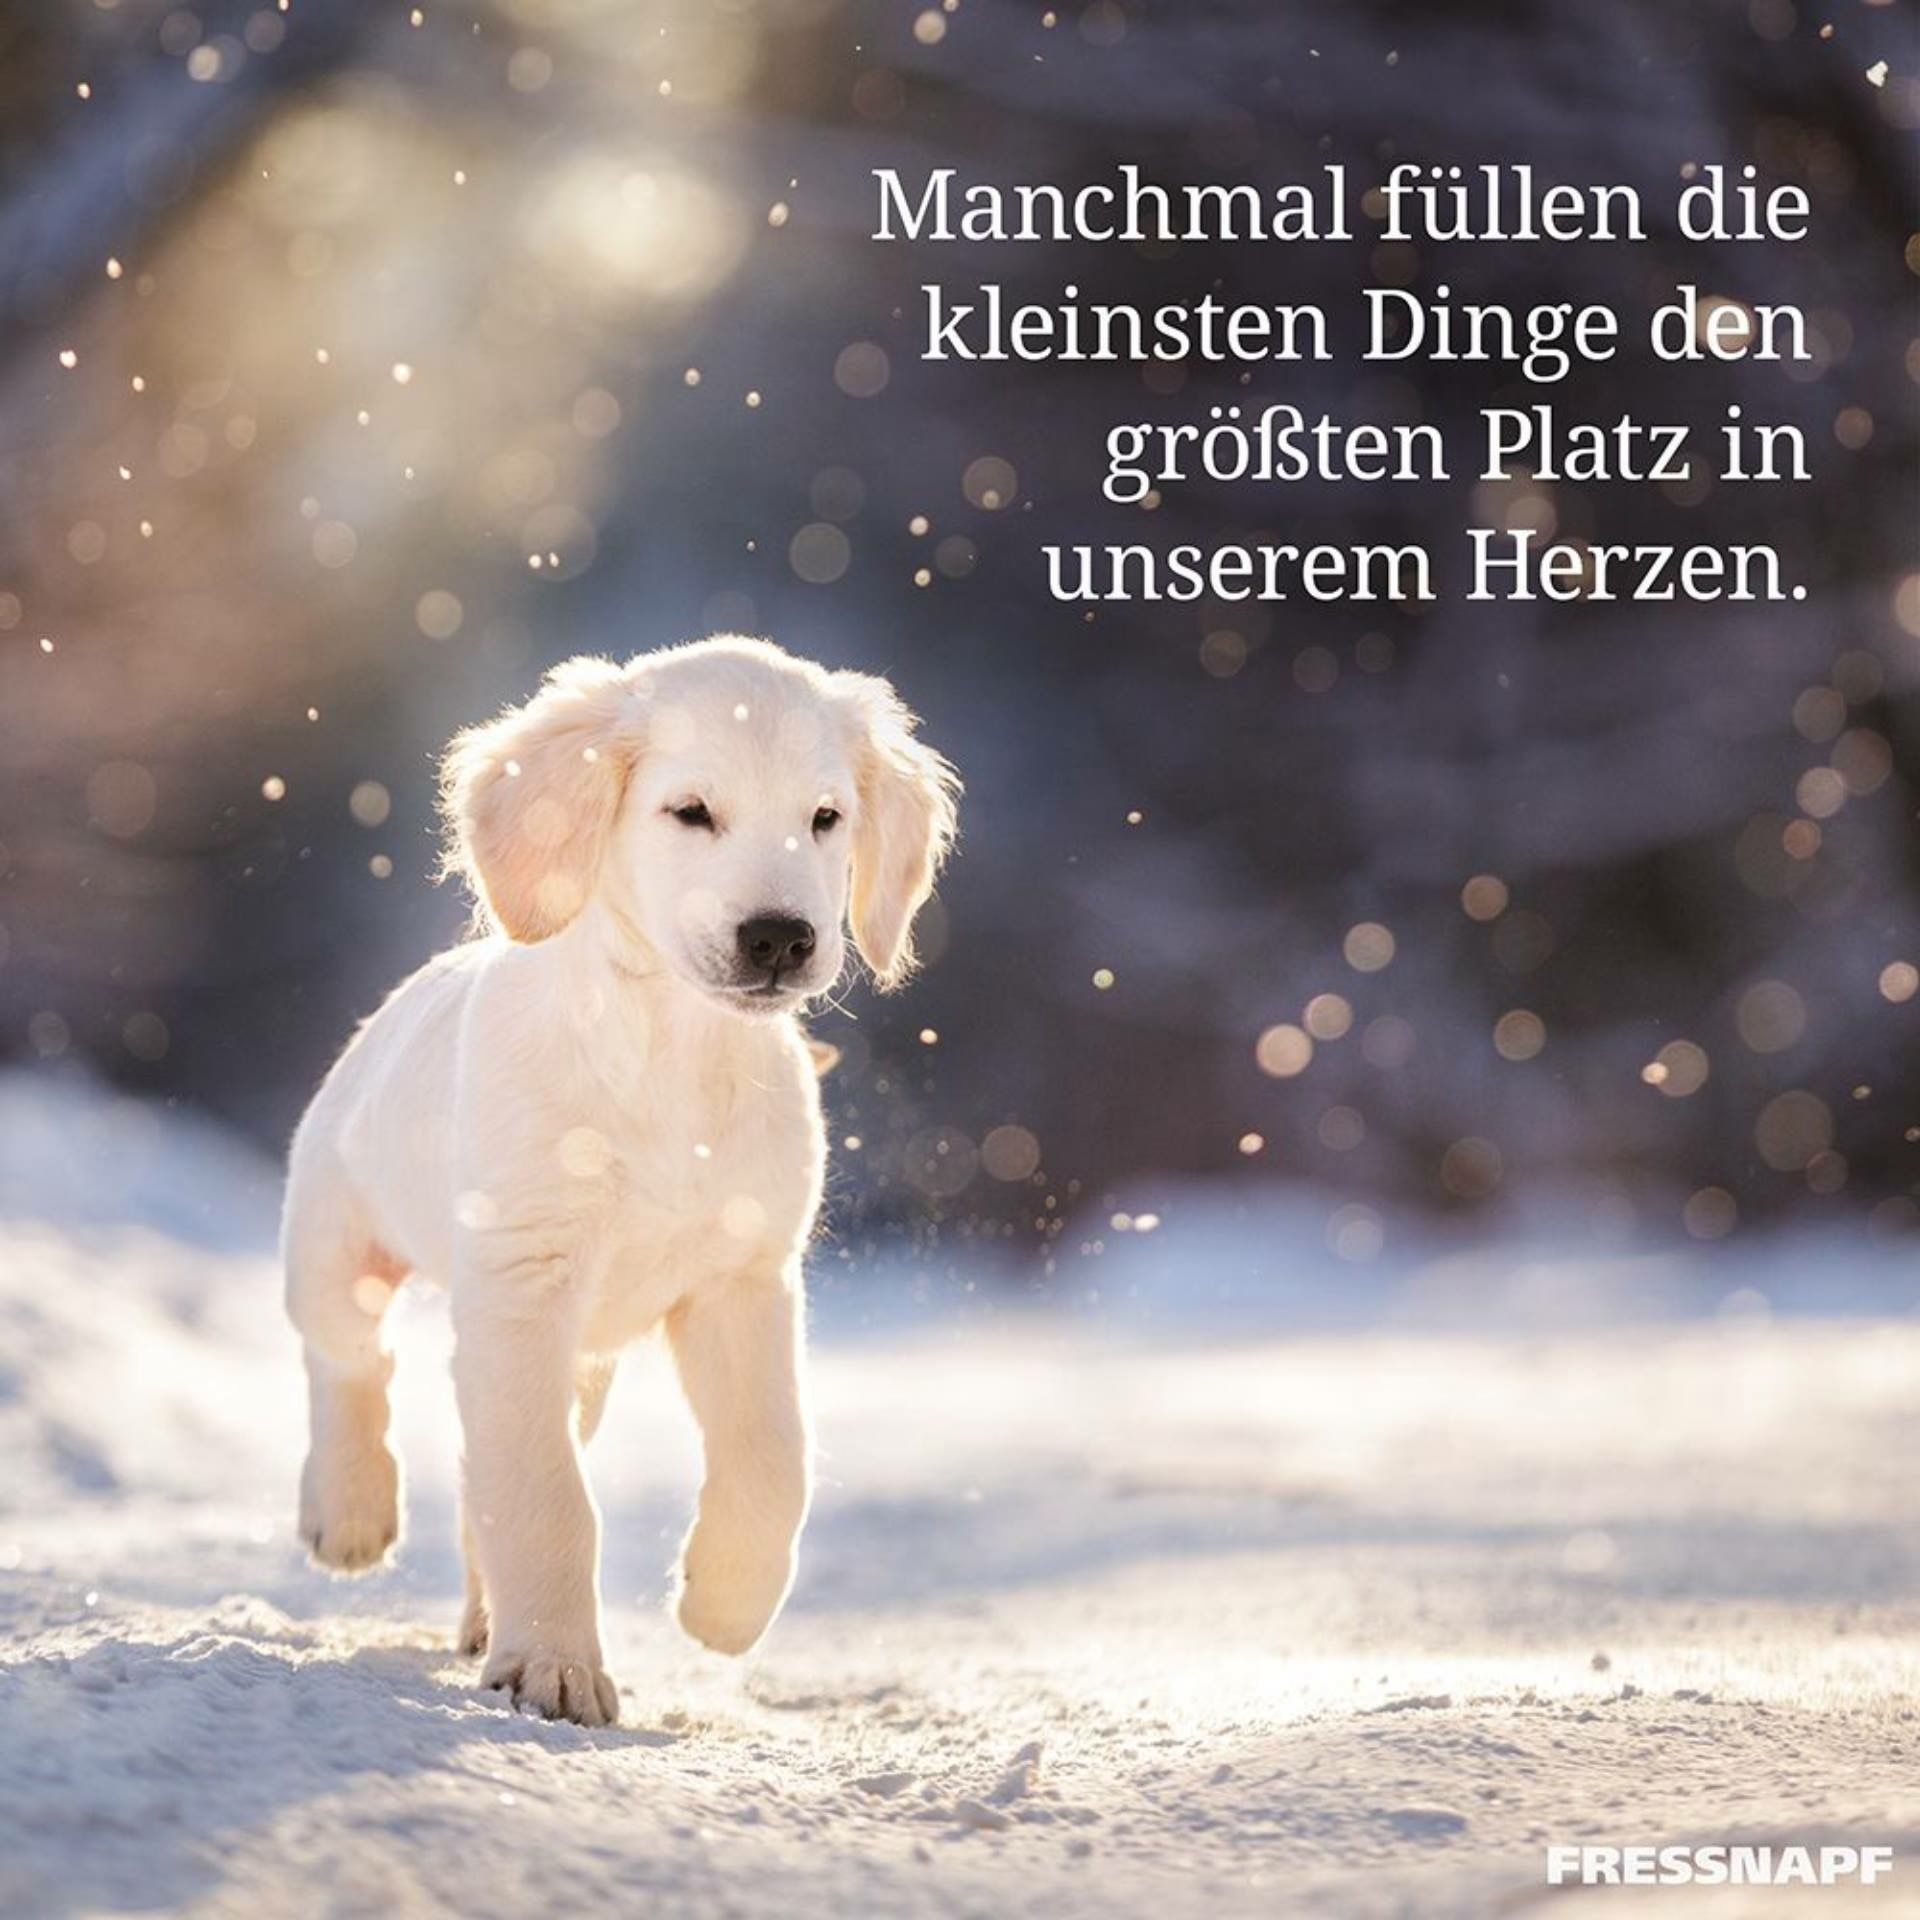 Pin Von Jasmina Kollmannsperger Auf Memo Boards Spruche Spruche Tiere Spruche Tierliebe